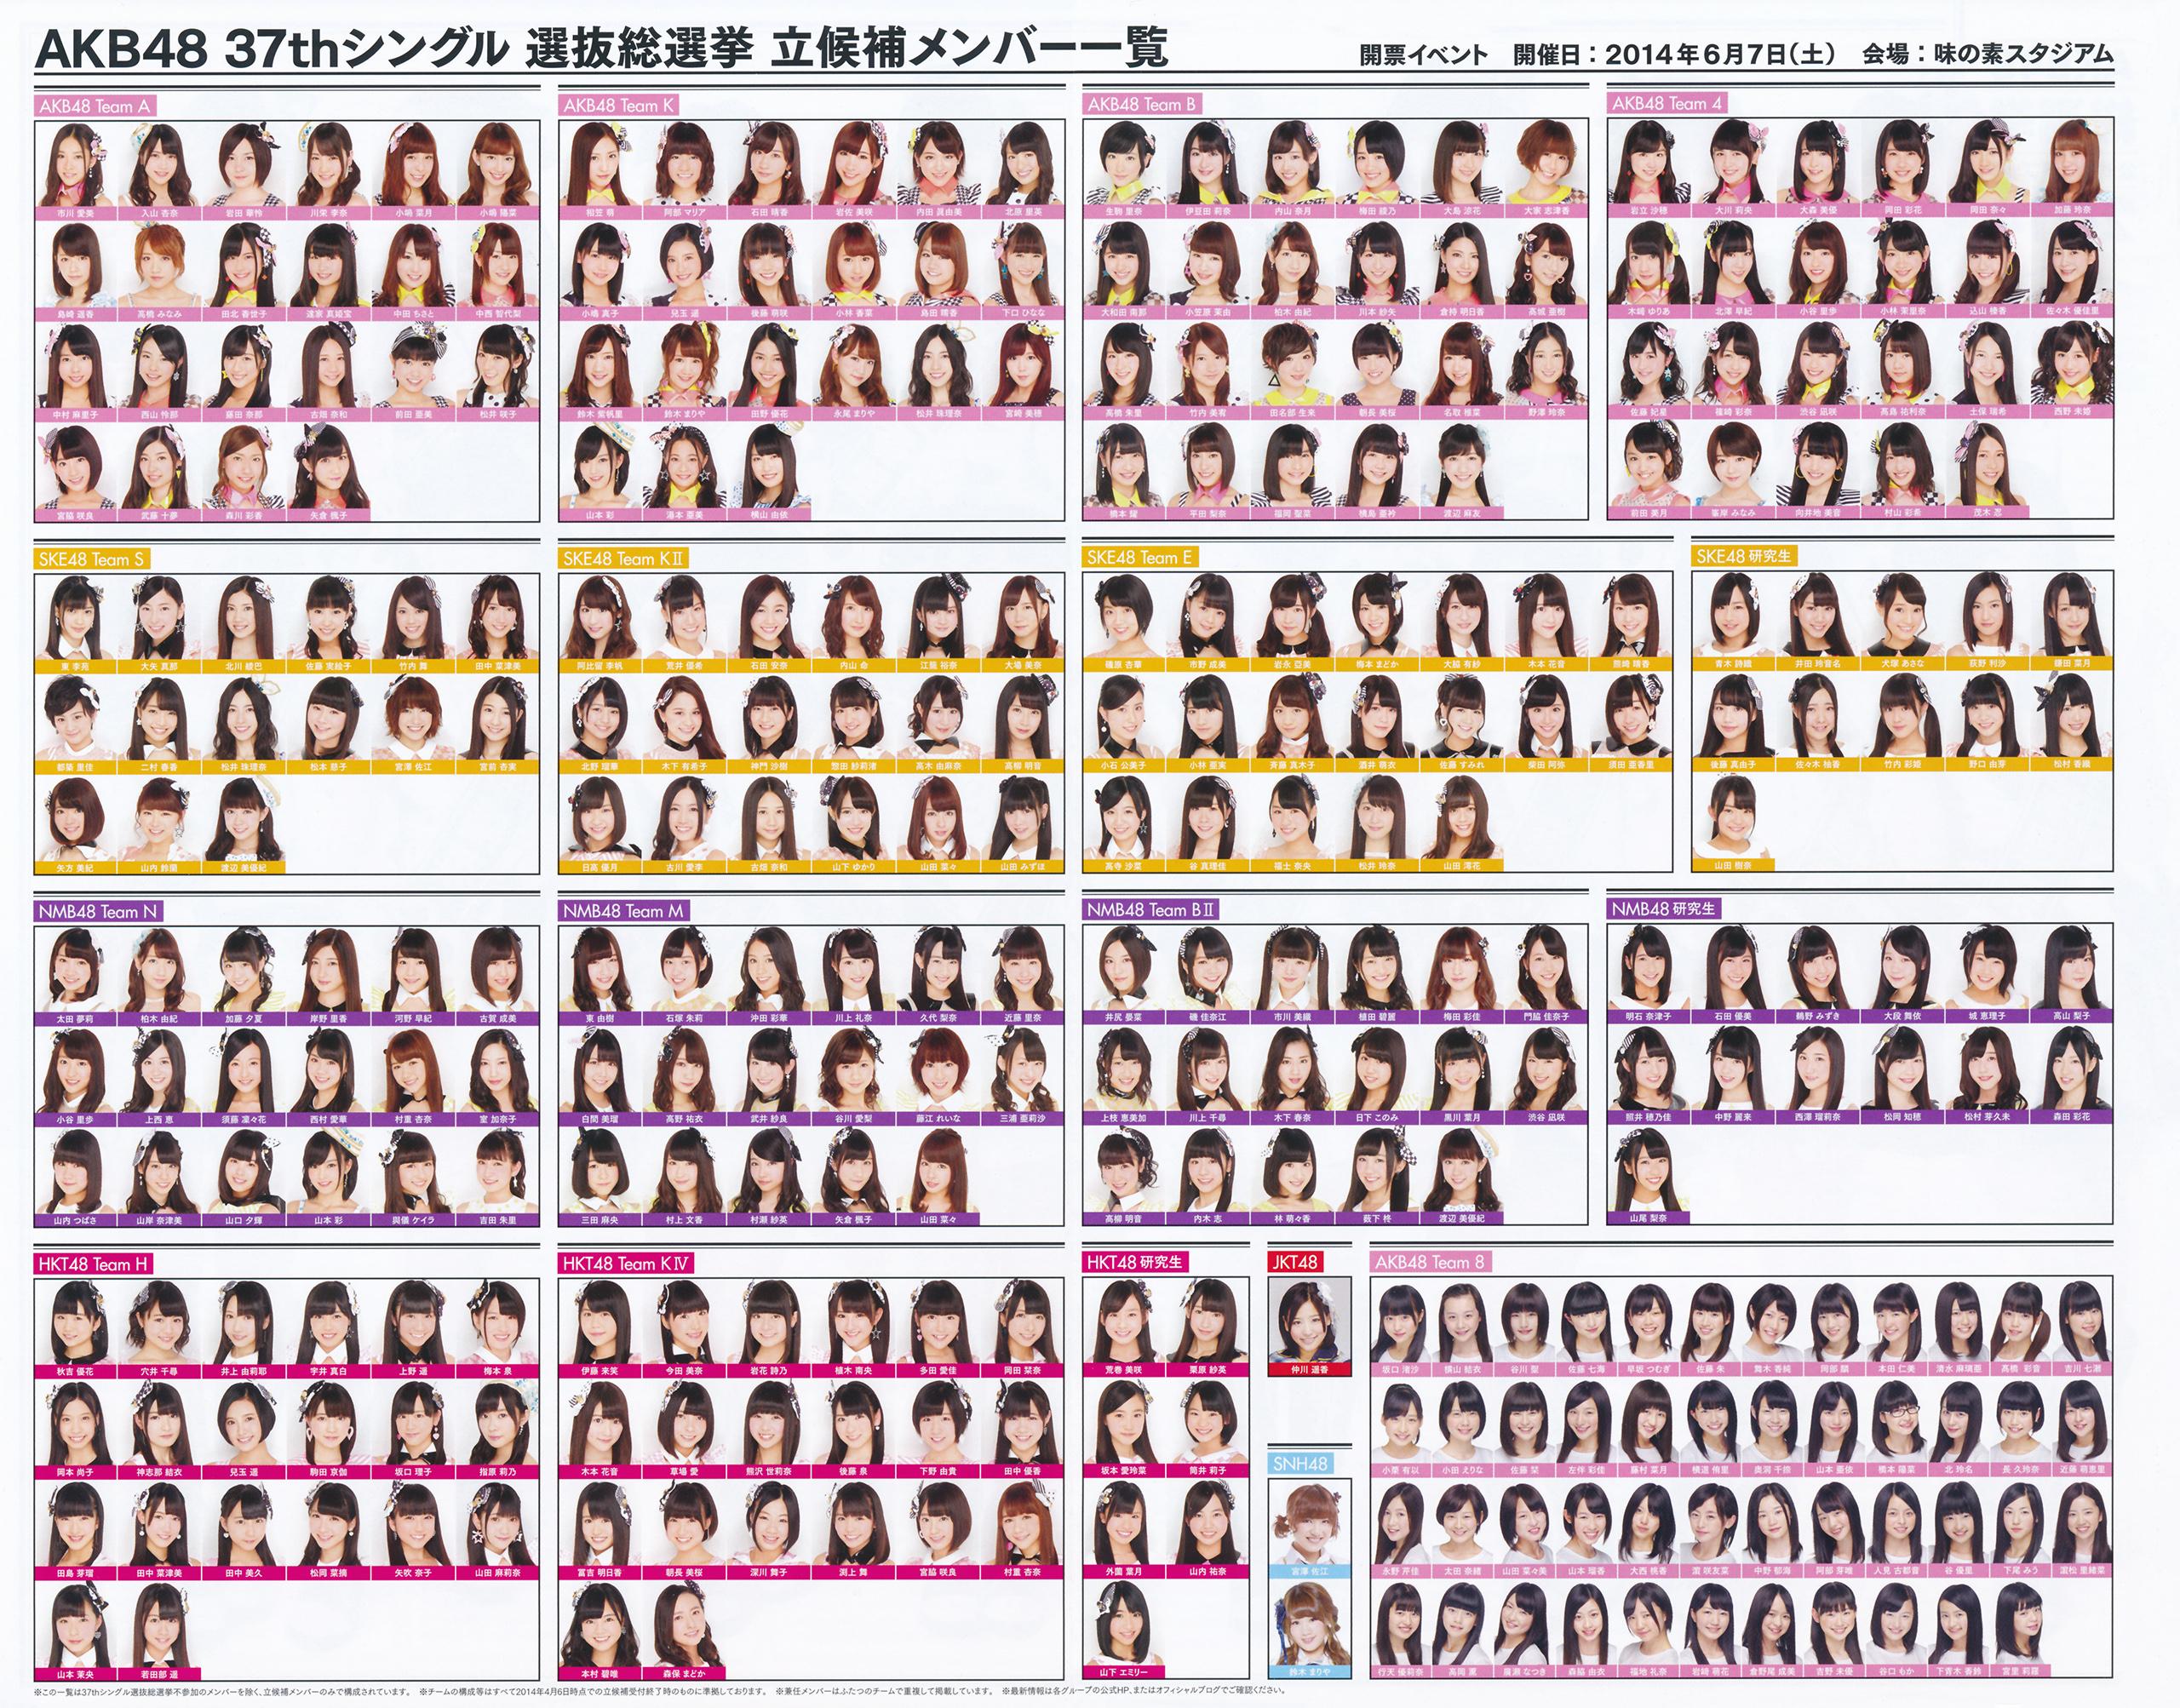 [Image: https://www.prismnet.com/~kkc/gamesx/AKB48GE2014OG(Ver.Q).pinup.2s.jpg]